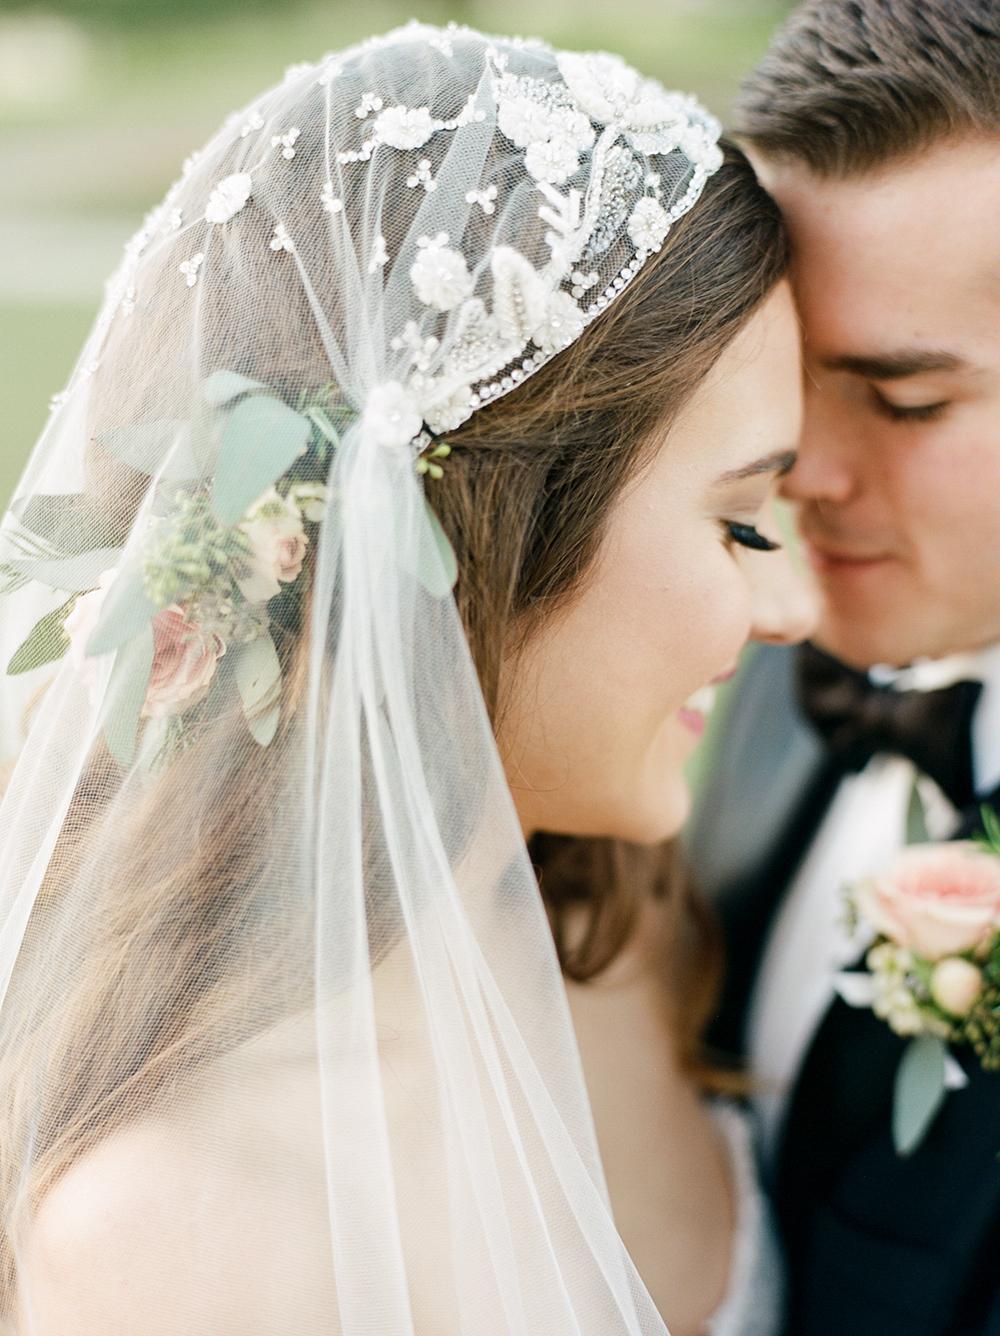 Прически свадебные с фатой 2018 фото